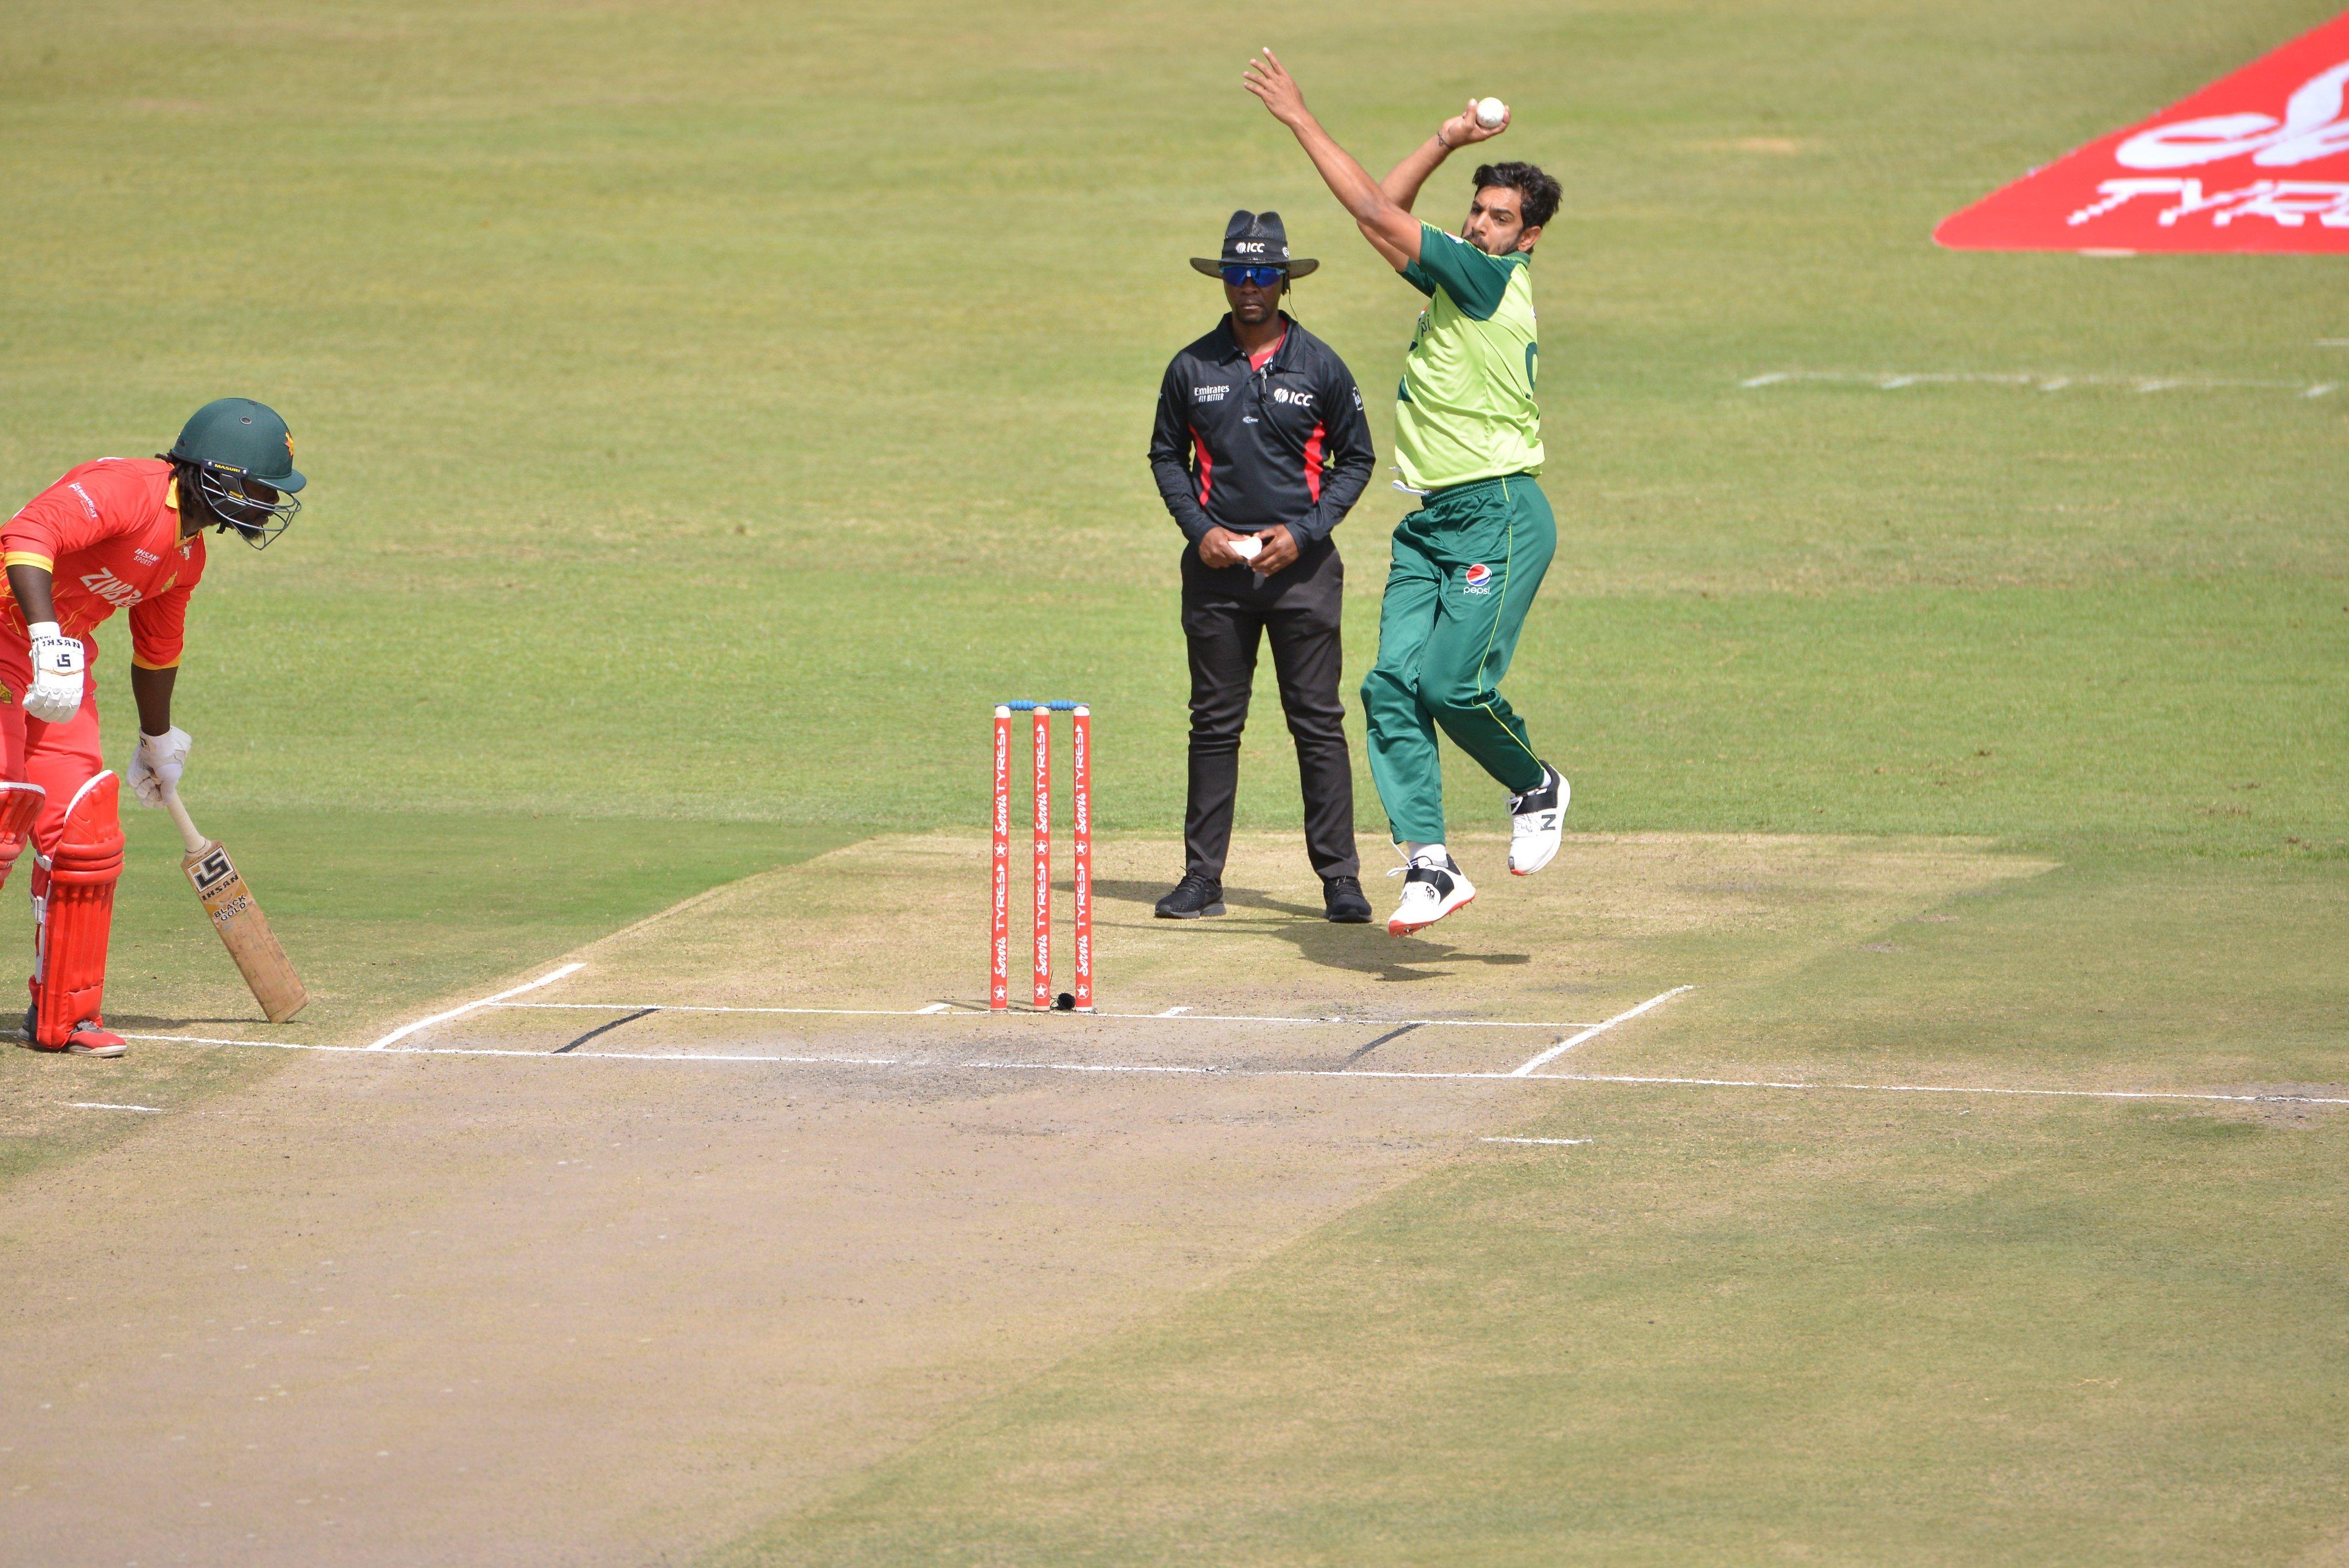 Pak bowler's bouncer breaks Zimbabwean batsman's helmet into two